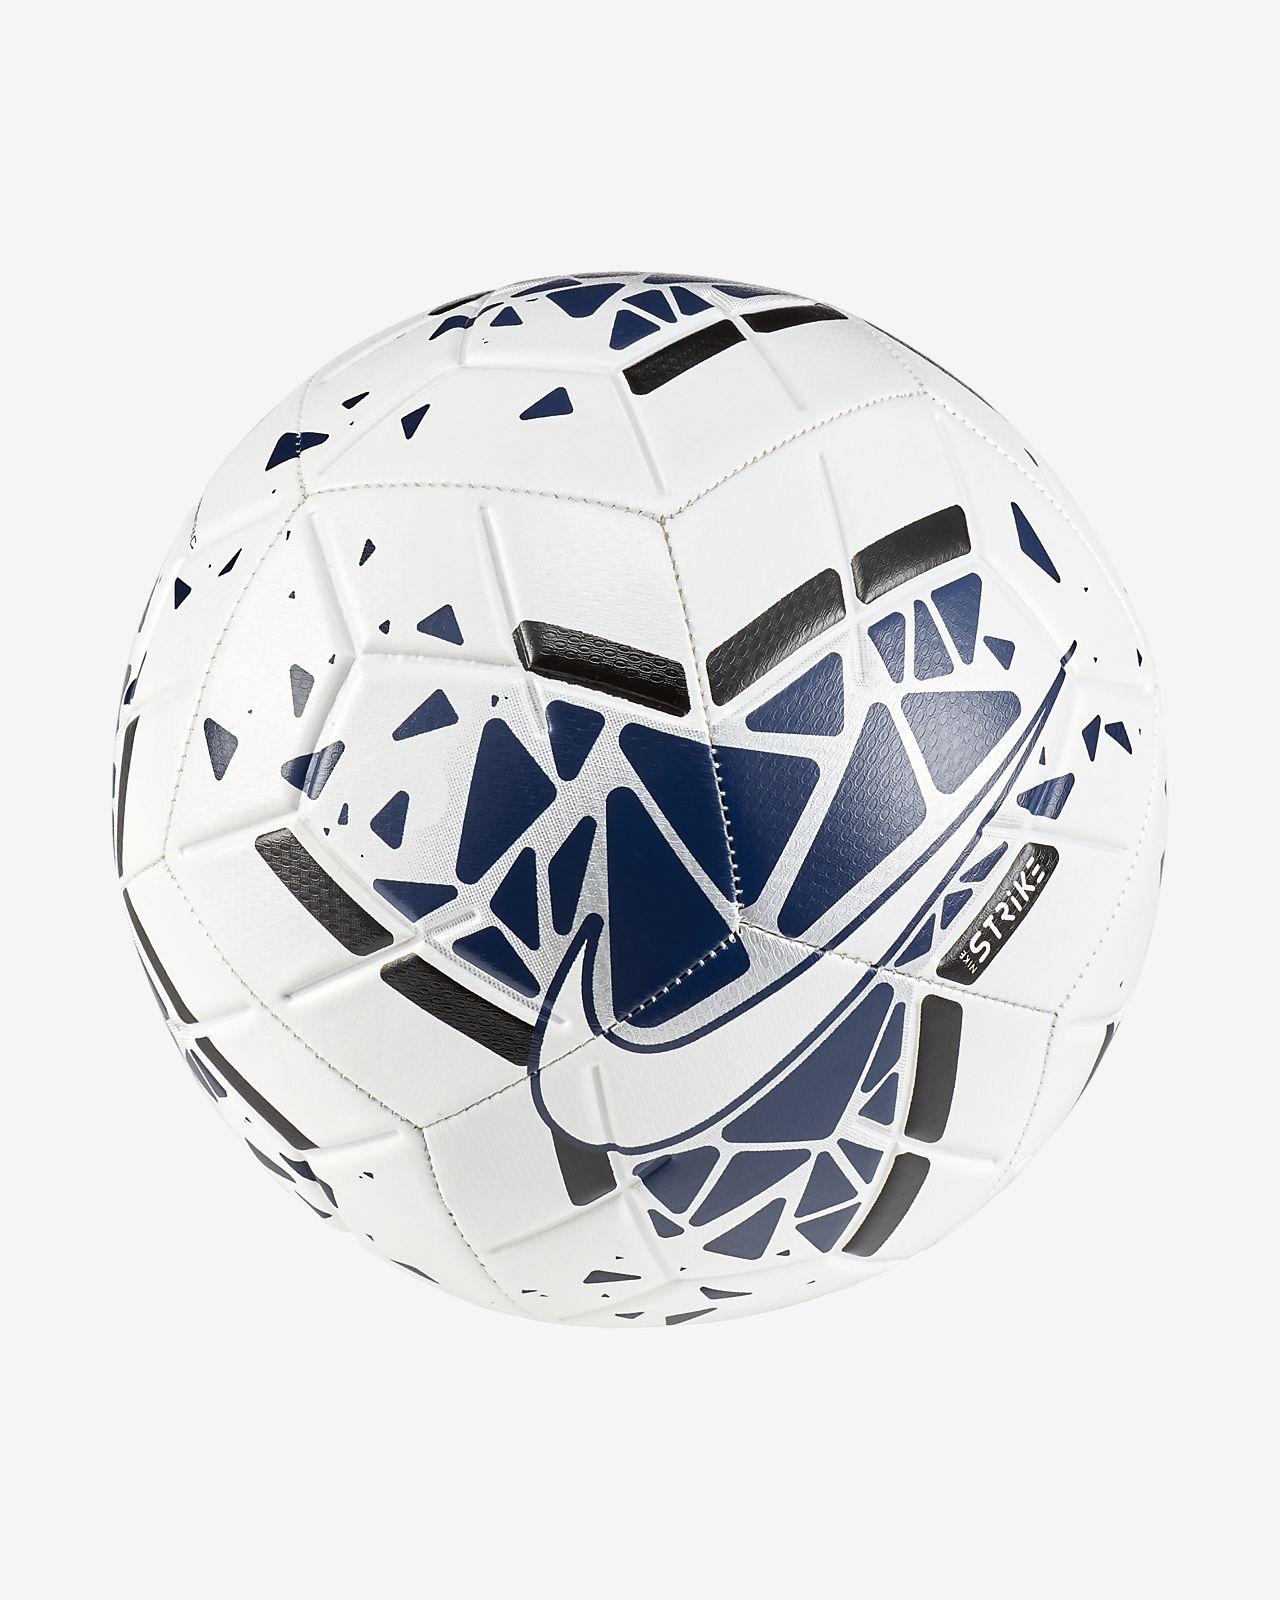 ナイキ ストライク サッカーボール